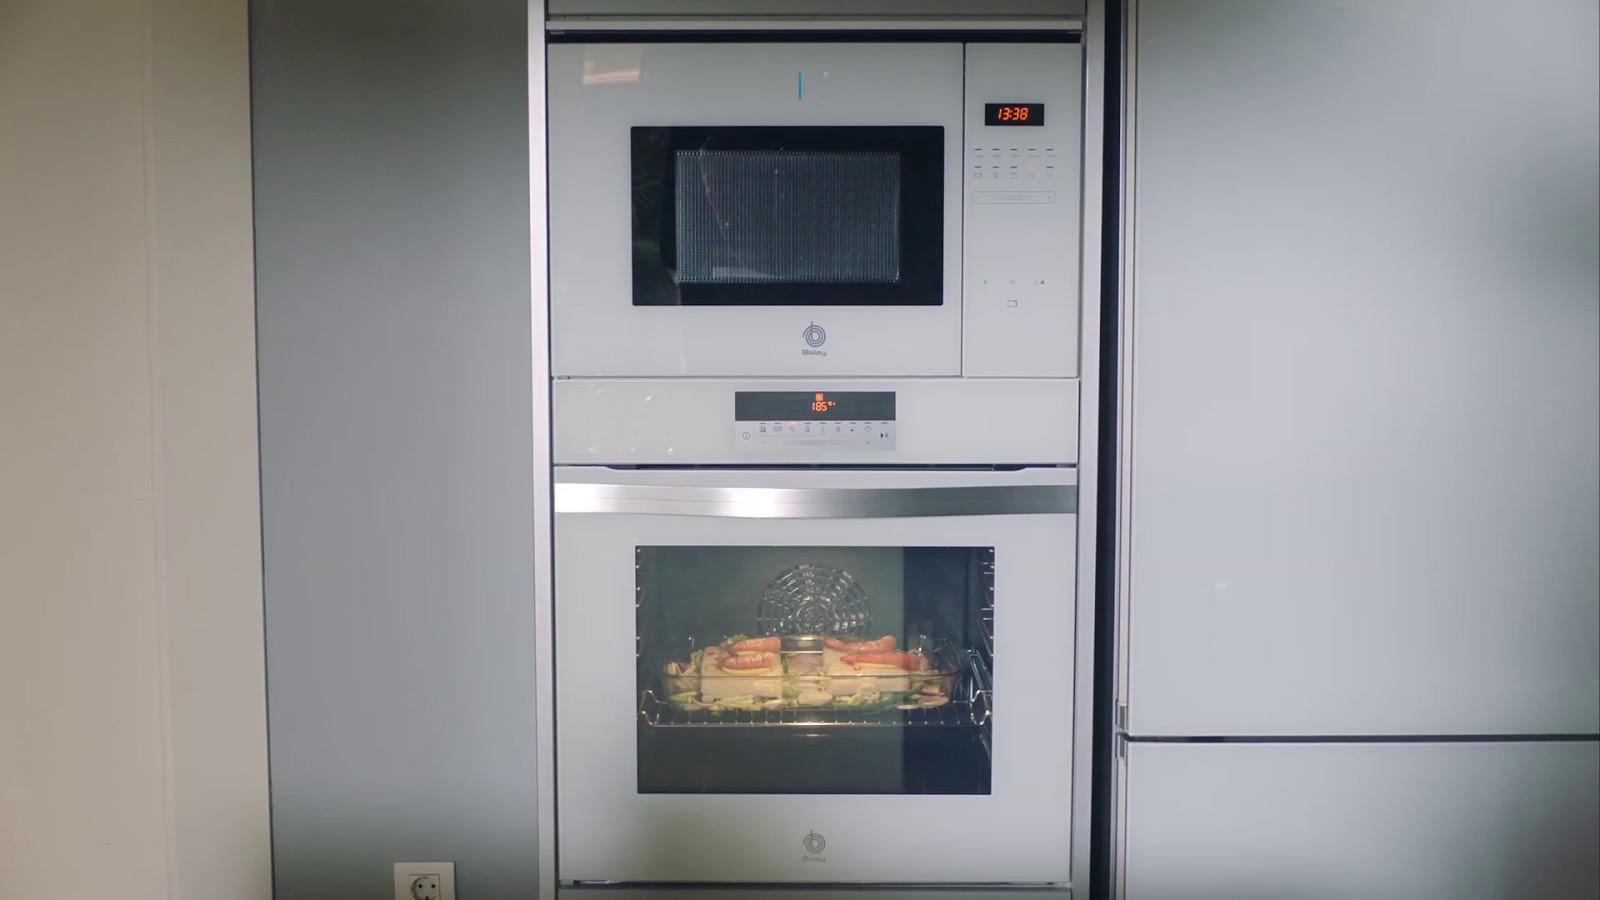 mejores hornos balay